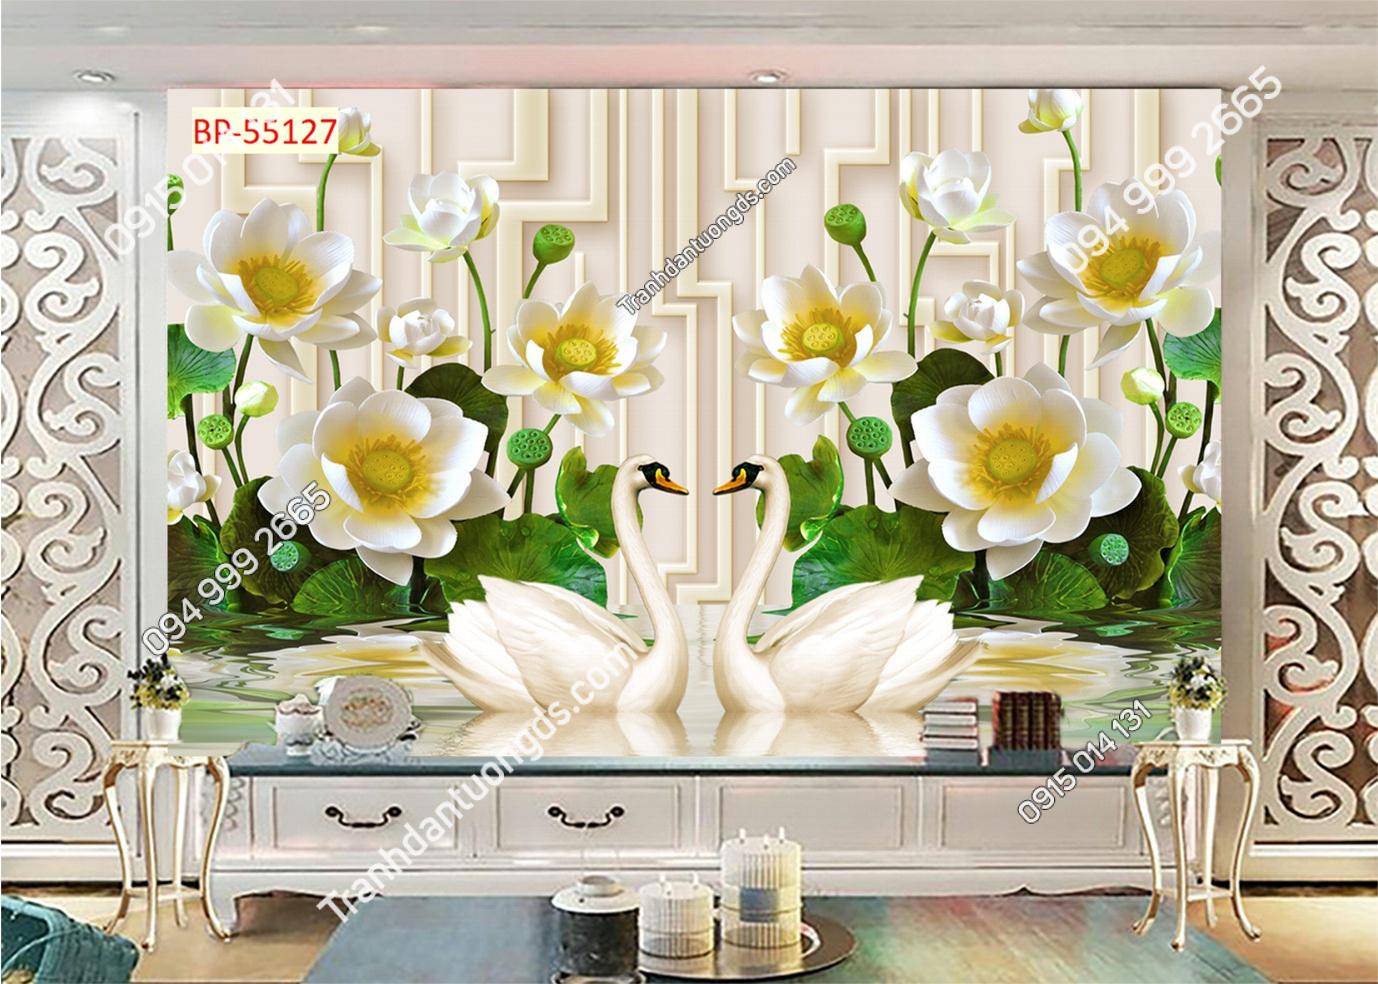 Tranh dán tường hoa sen trắng nhụy vàng 55127